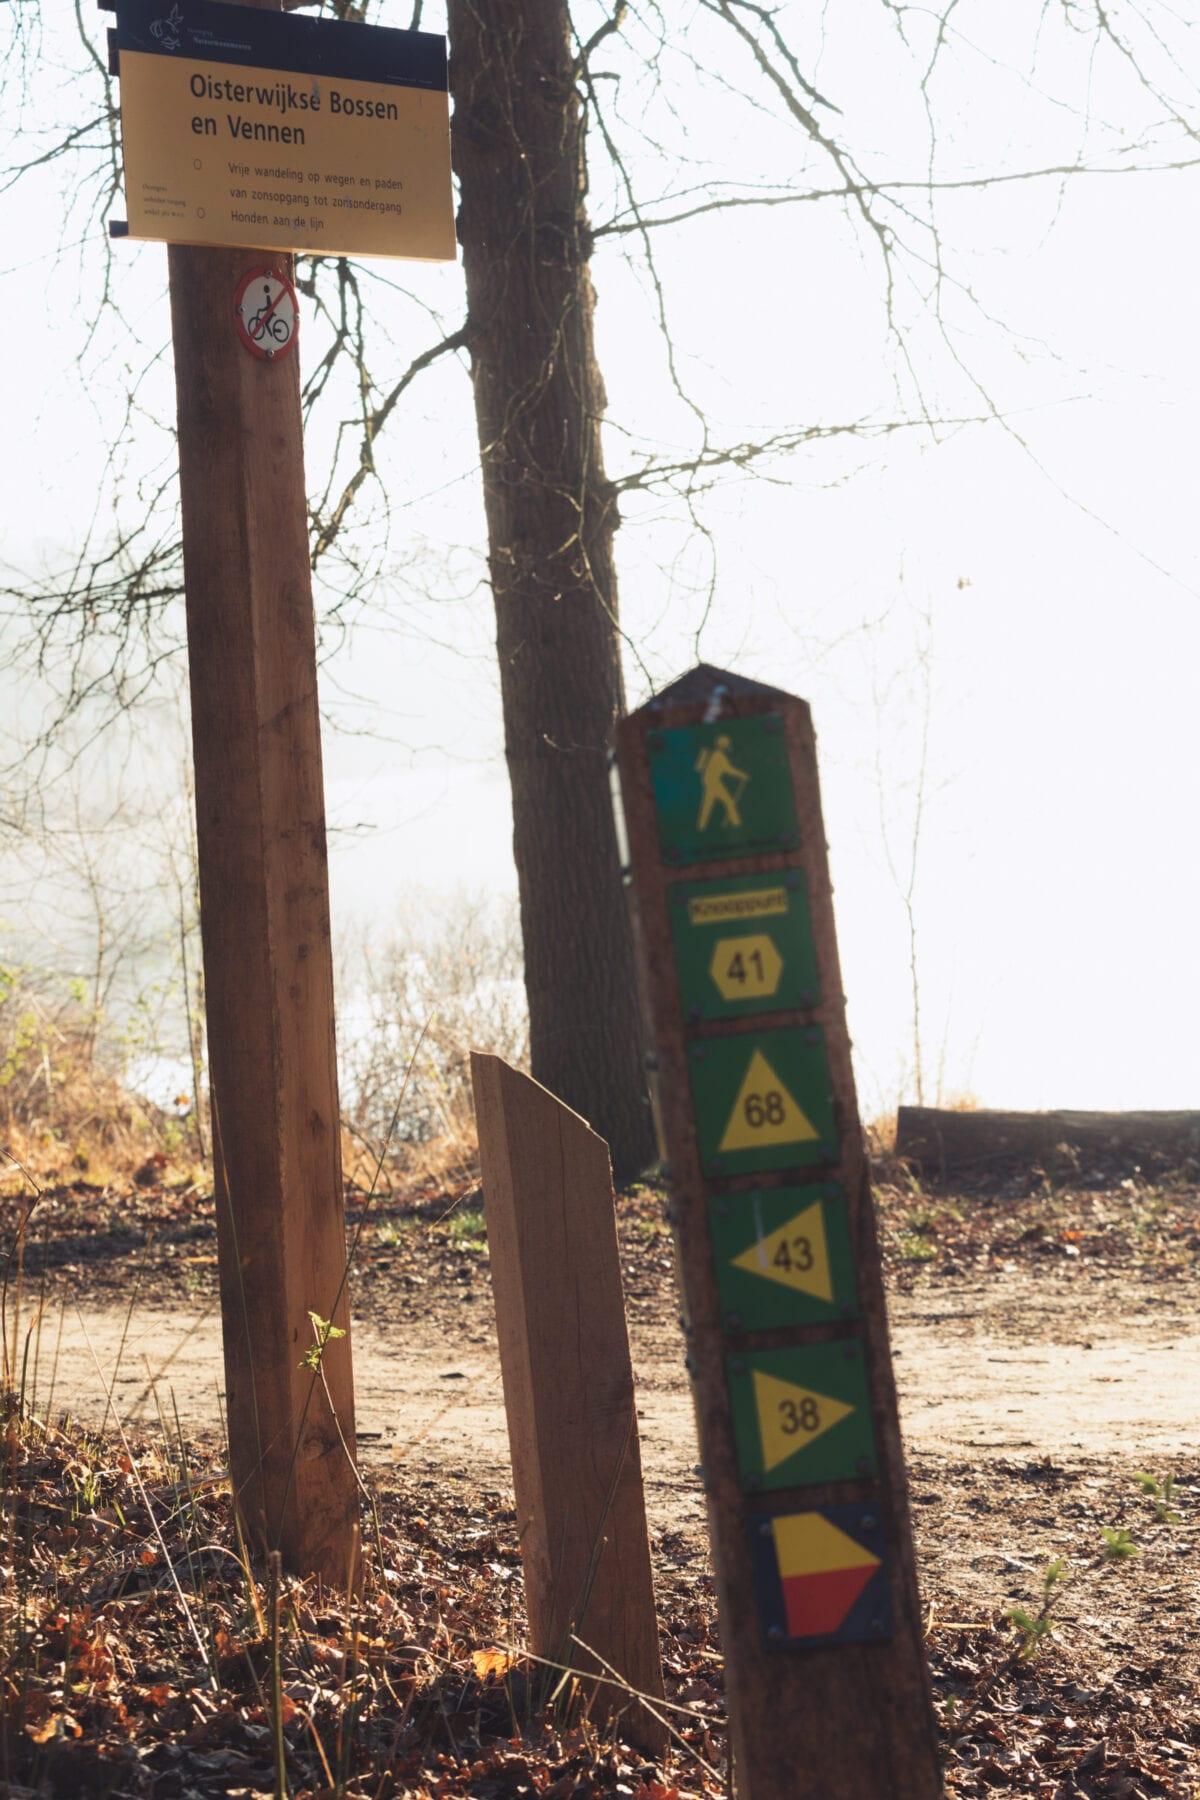 Oisterwijkse bossen en vennen wandelroutes